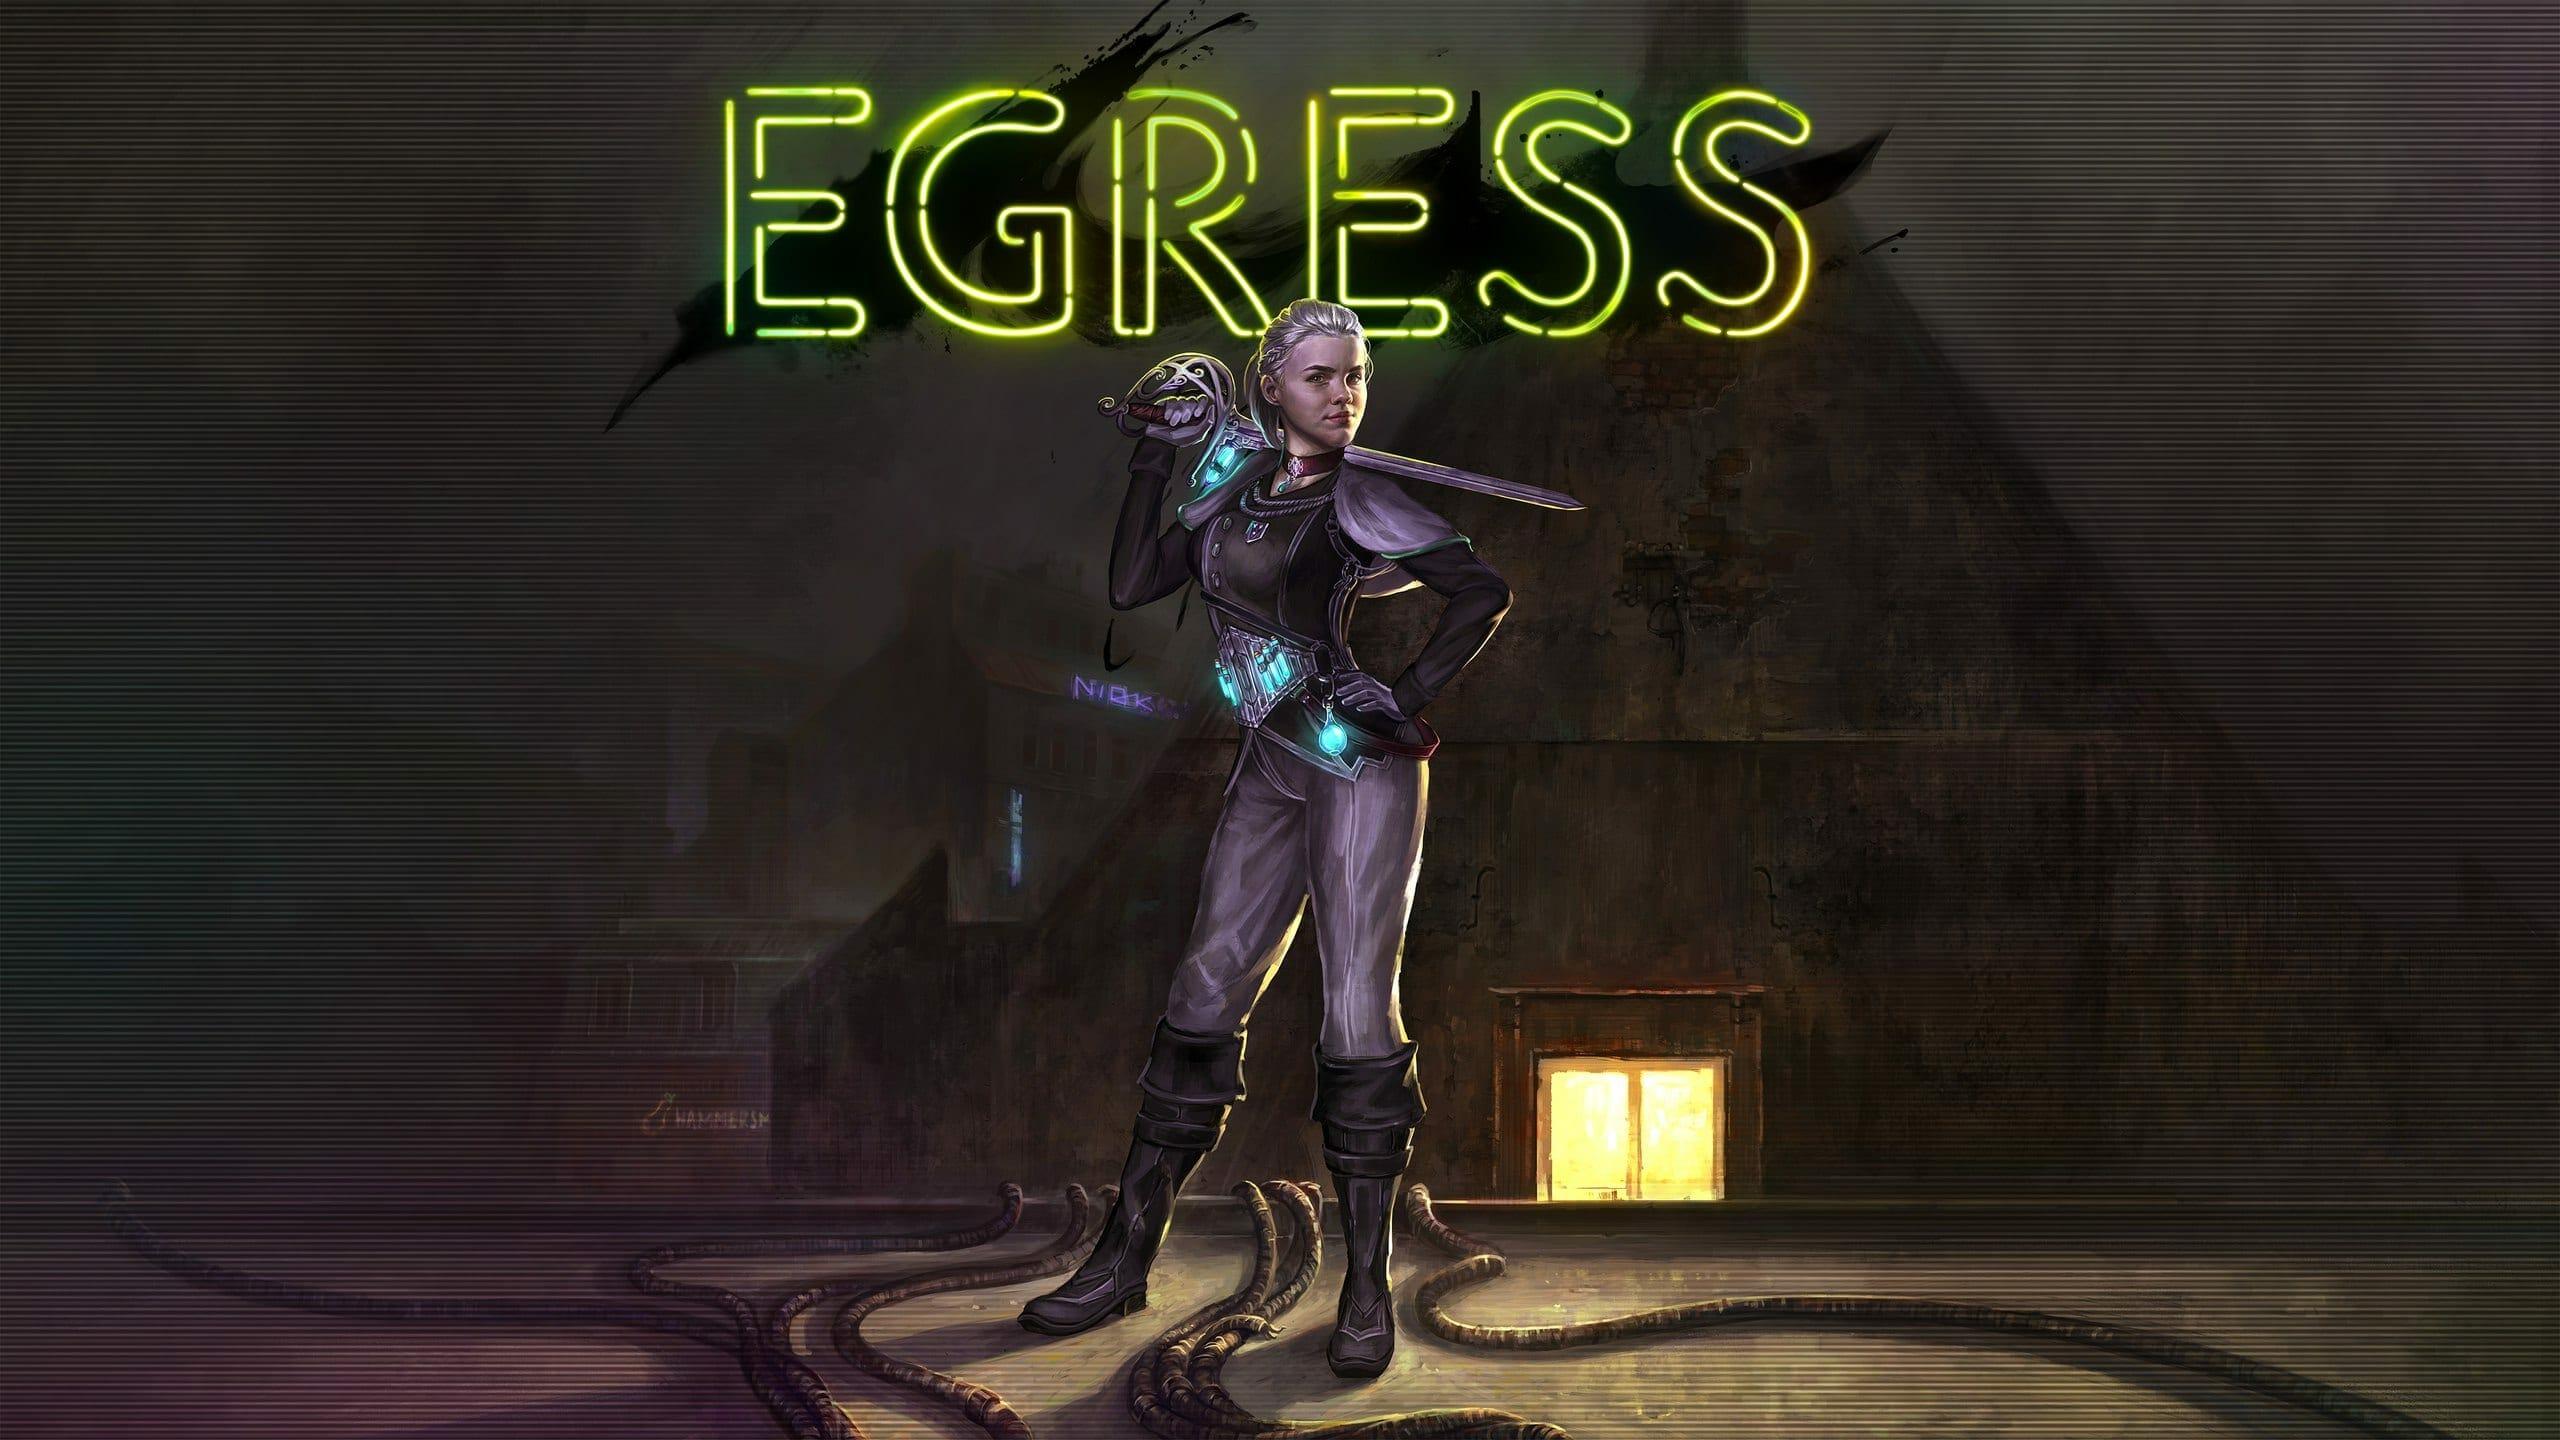 Game releases in november